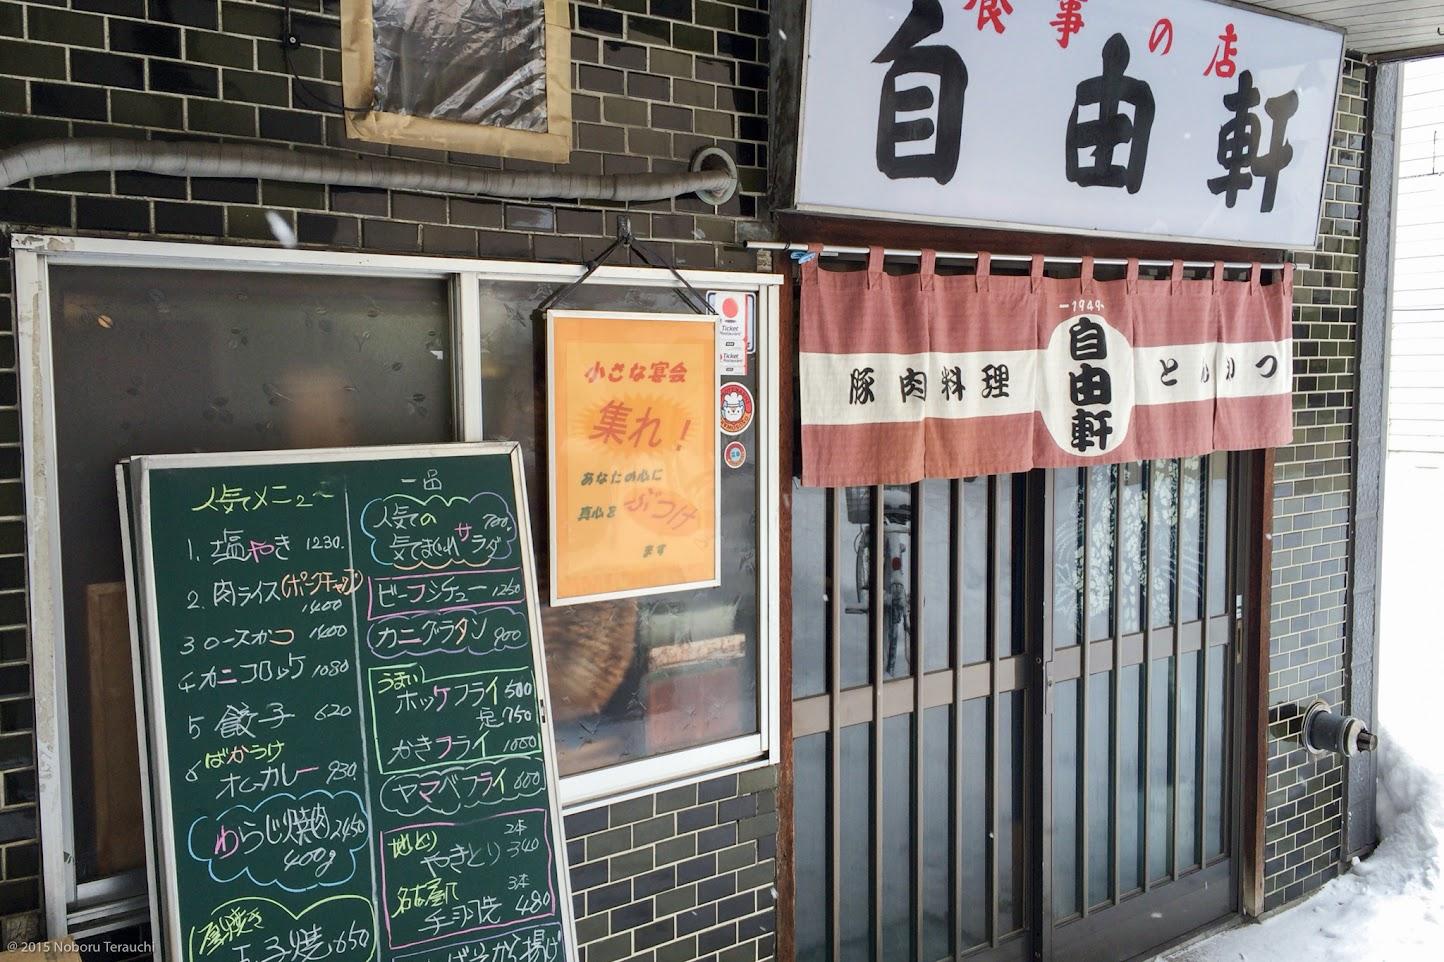 暖簾「豚肉料理 とんかつ 自由軒」